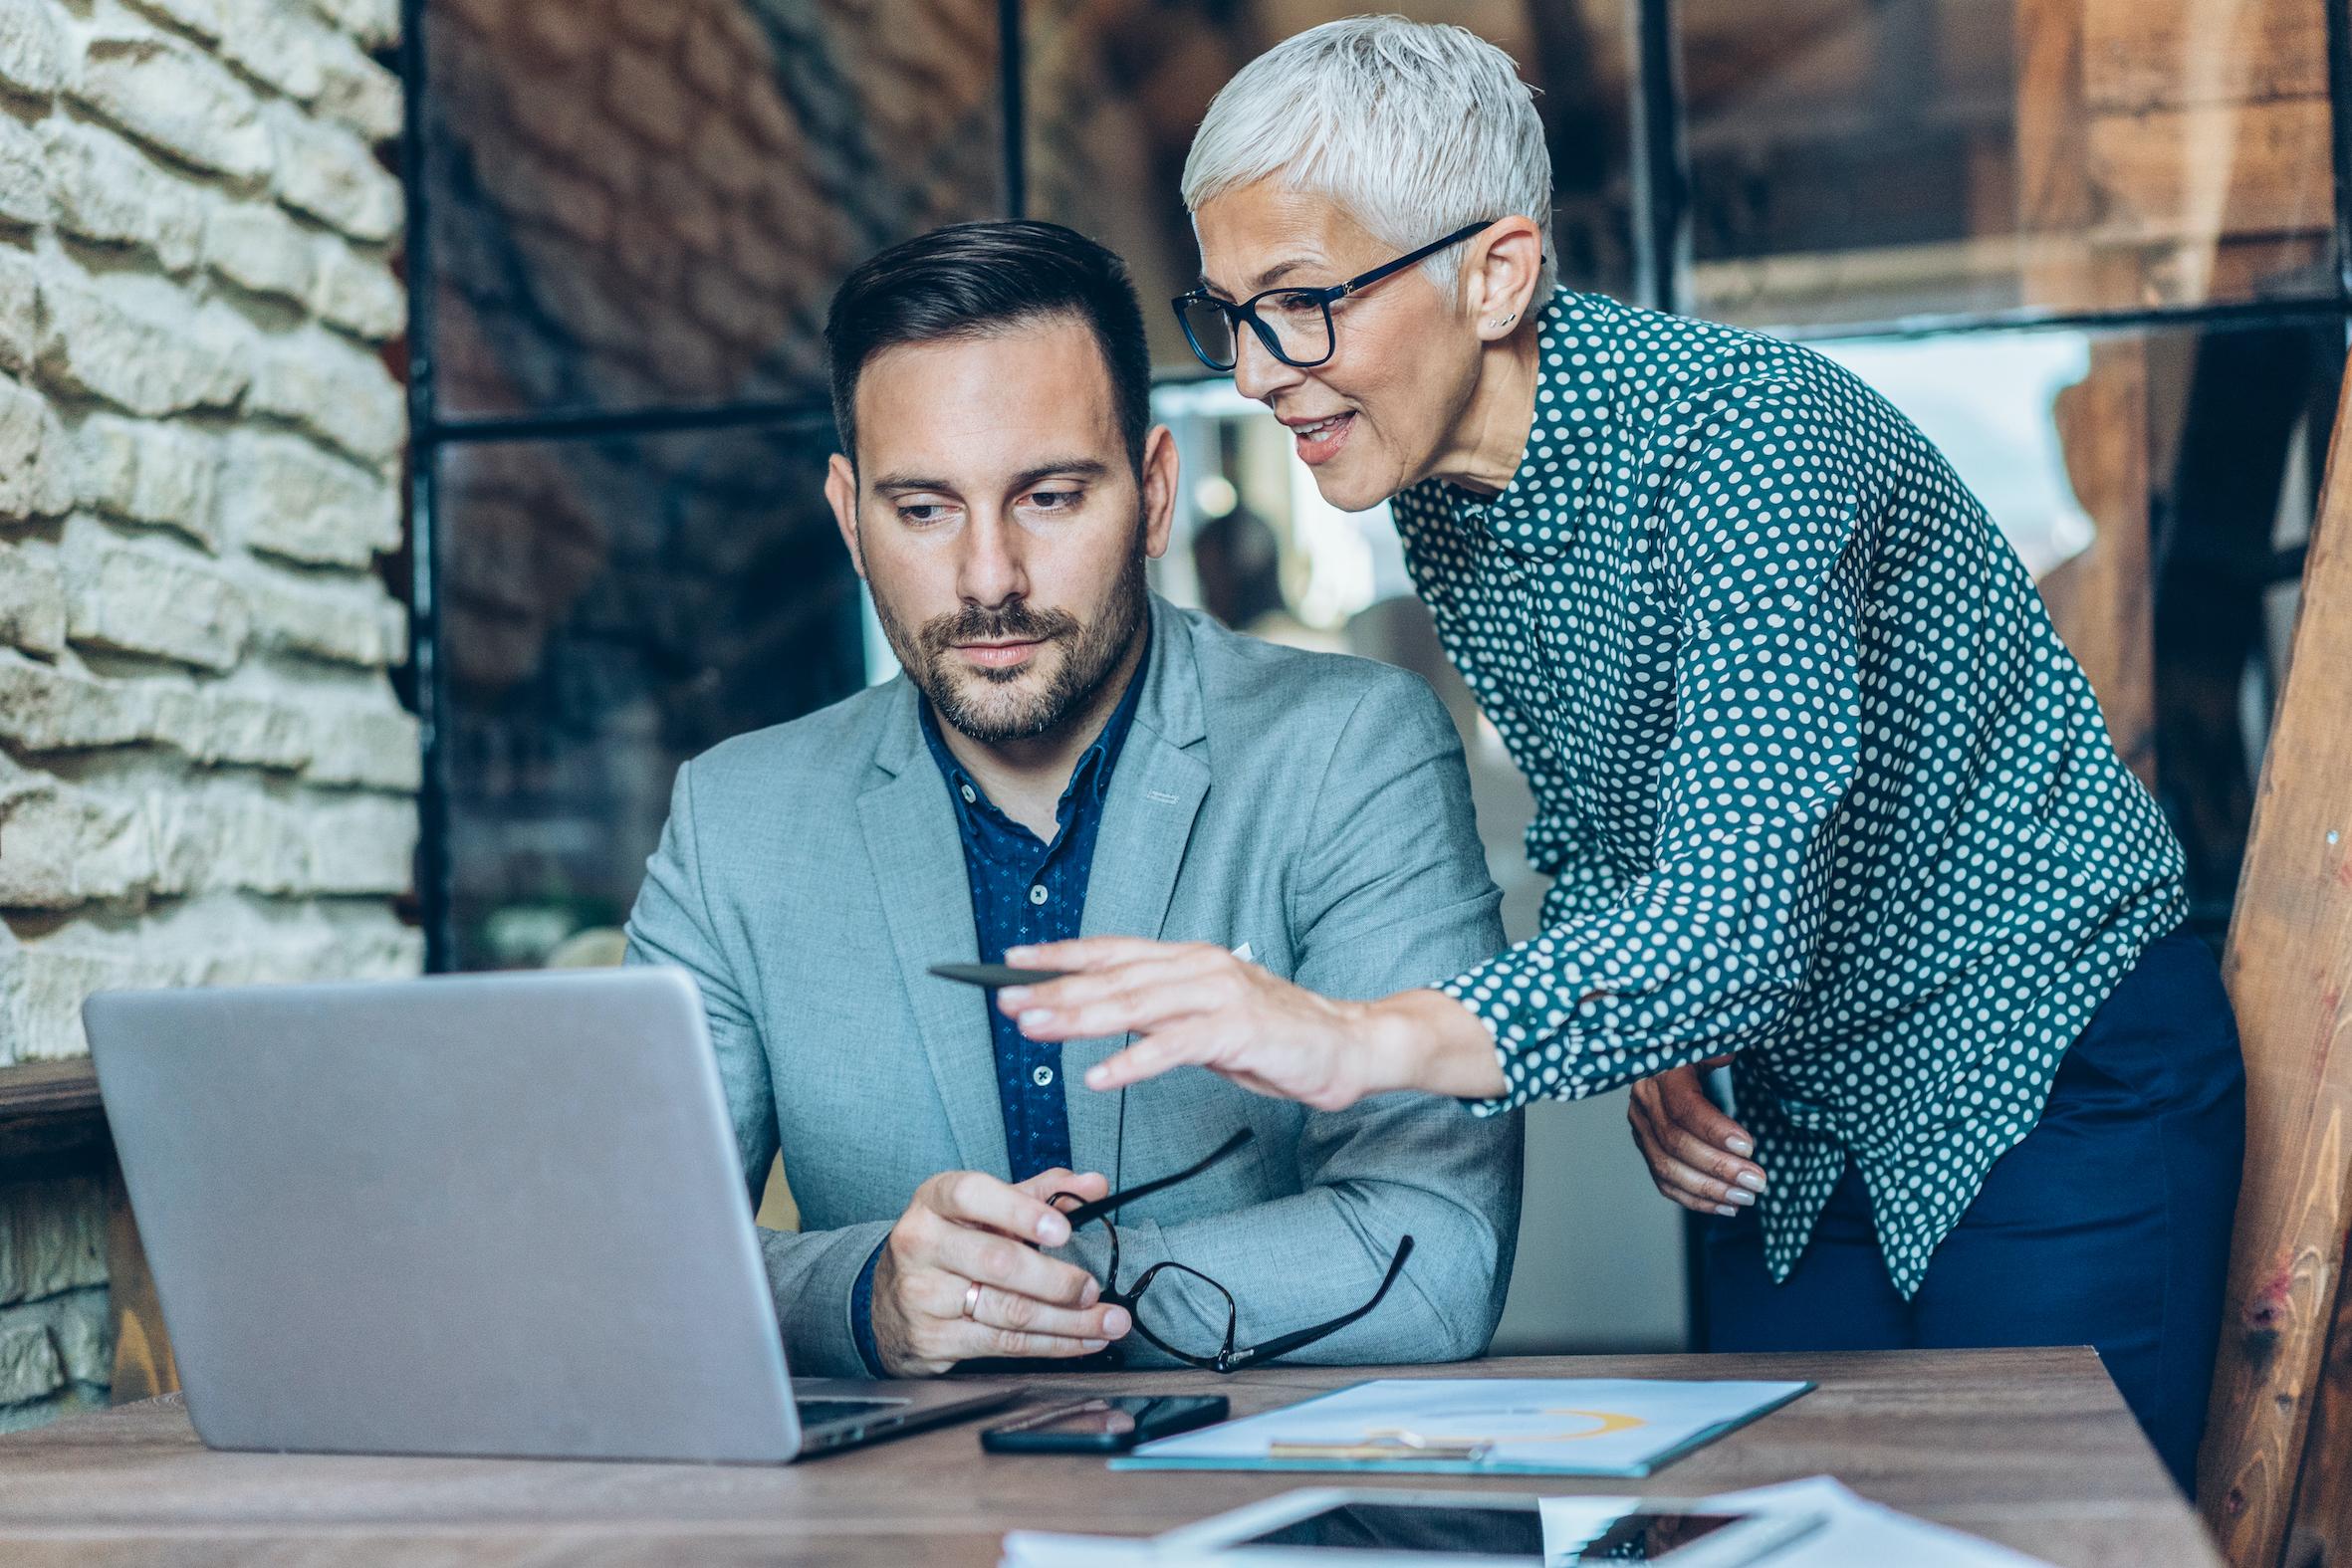 Senior Experts in Unternehmen: So viel Potenzial steckt in den Generationen 60+